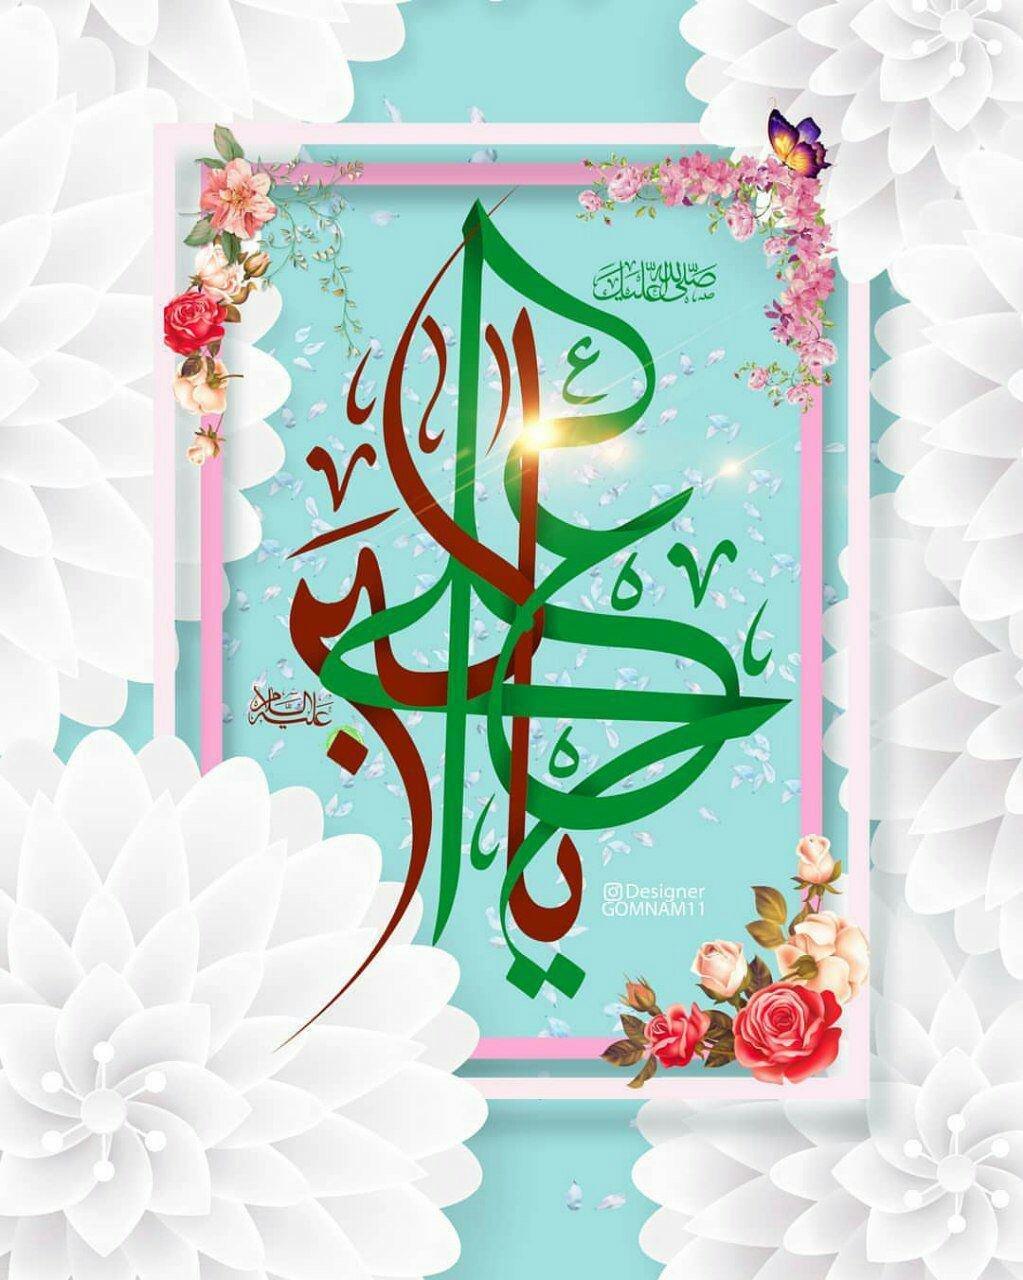 بهترین متن برای تبریک ولادت حضرت علی اکبر (ع) و روز جوان